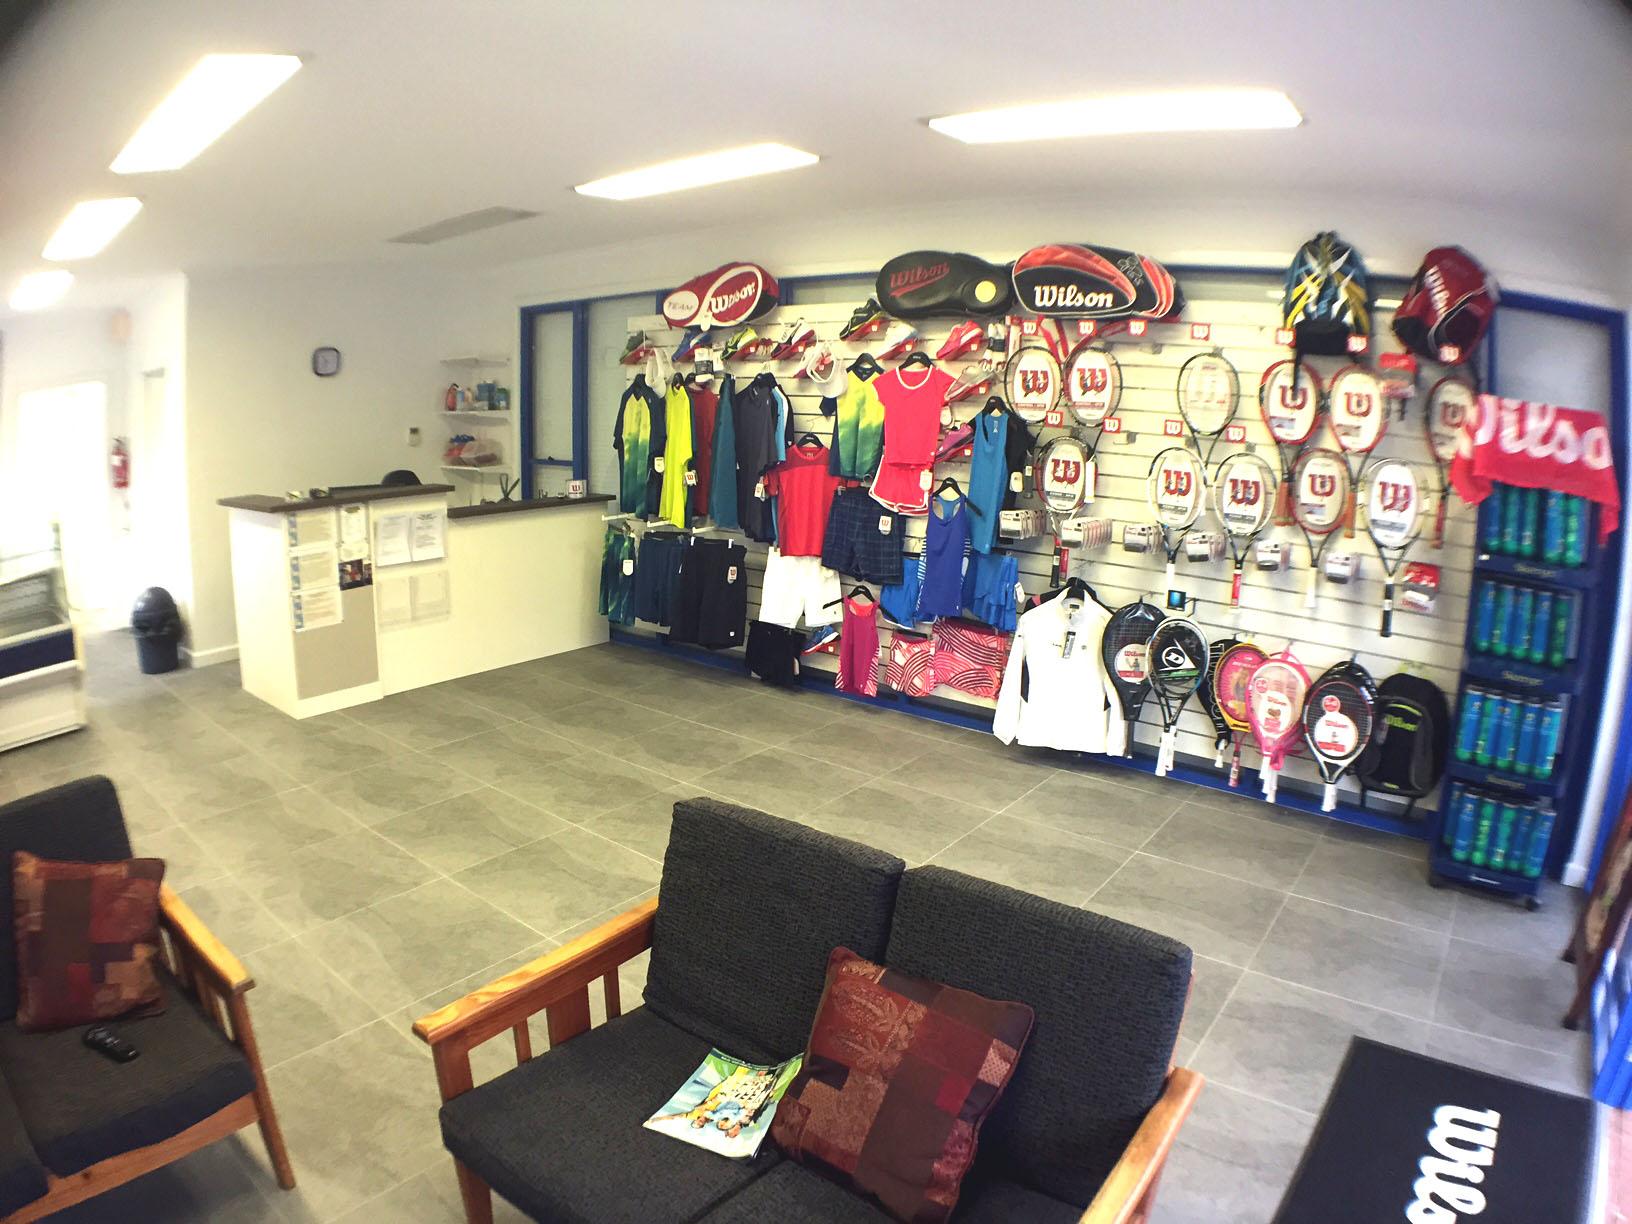 Latham Park Tennis Centre Pro Shop